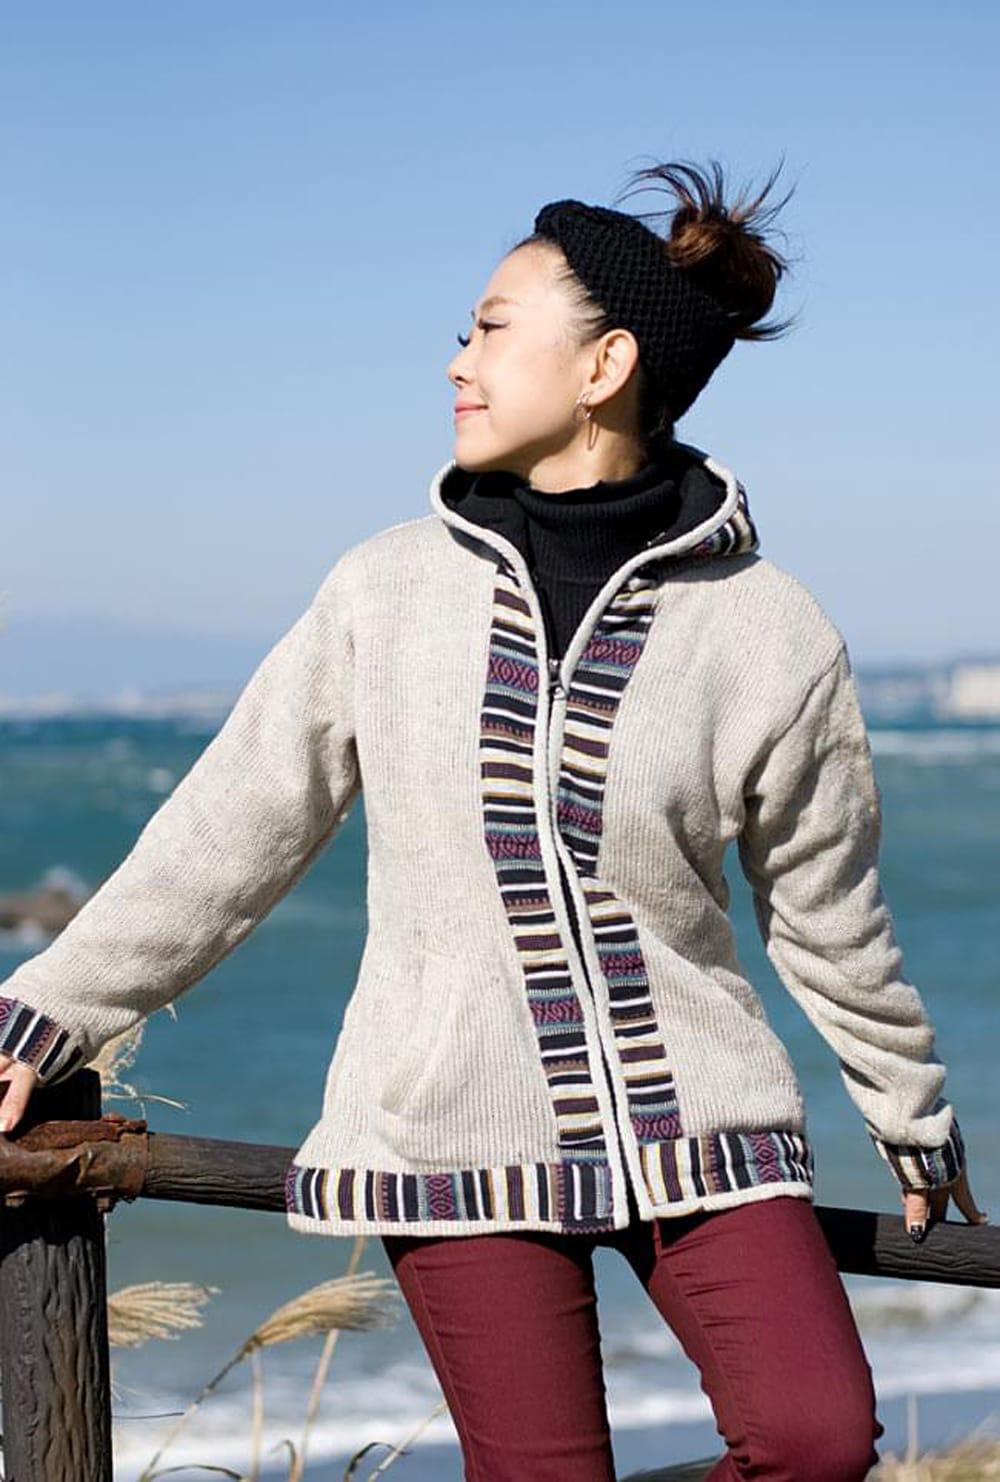 ネパールのゲリラインウールジャケット 4 - D:アイボリー:身長150?のスタッフがSサイズを着てみました。厚手もインナーを着るならMサイズでも大丈夫です!